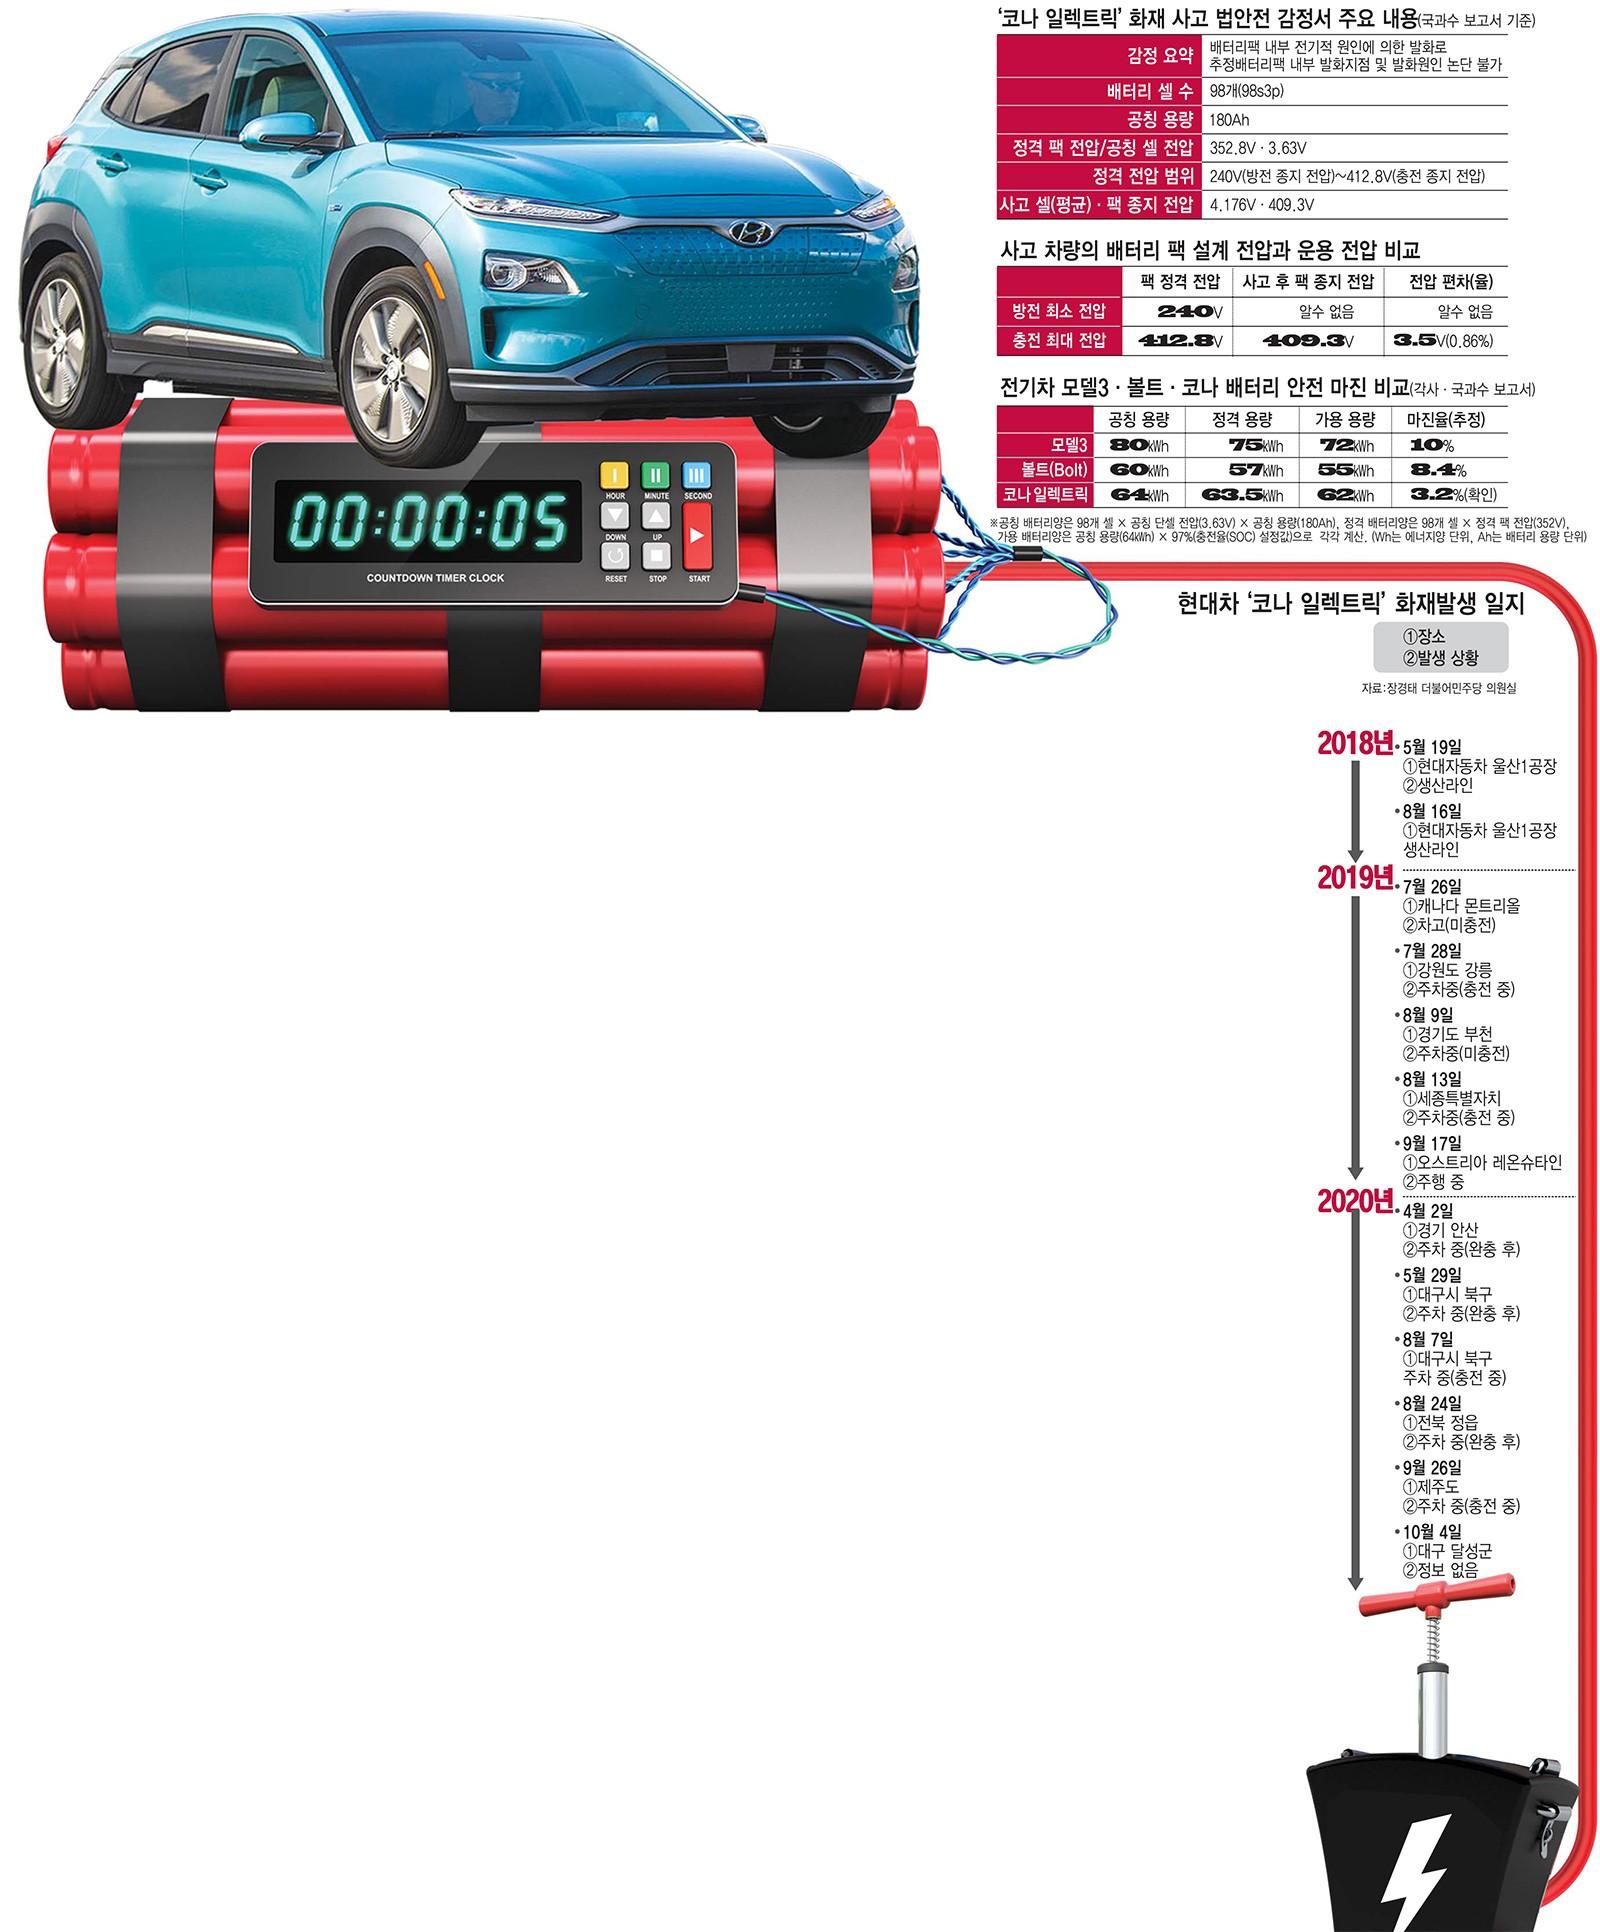 [이슈분석]'코나' 전기차 화재 원인...'배터리 안전 마진' 가볍게 여겼다